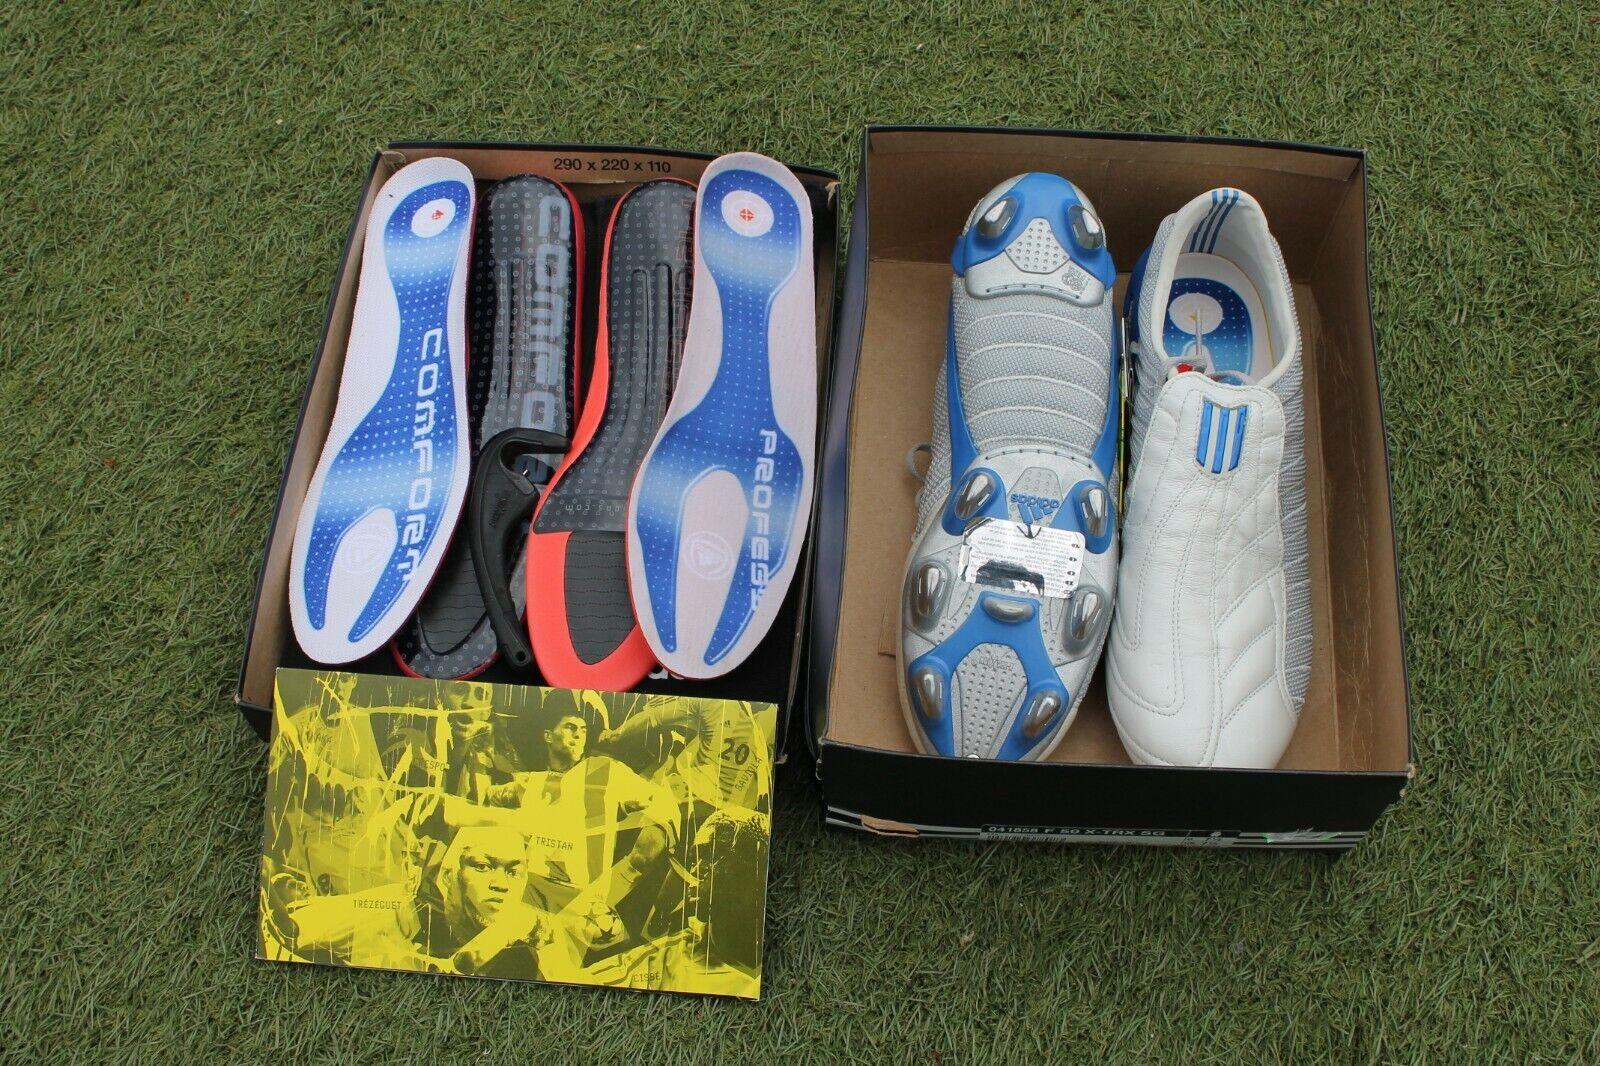 sports shoes 85177 b307a NUOVO con scatola adidas F50 Originals SG Scarpe Scarpe Scarpe da calcio Tg  RARA NON Predator 0ac59e